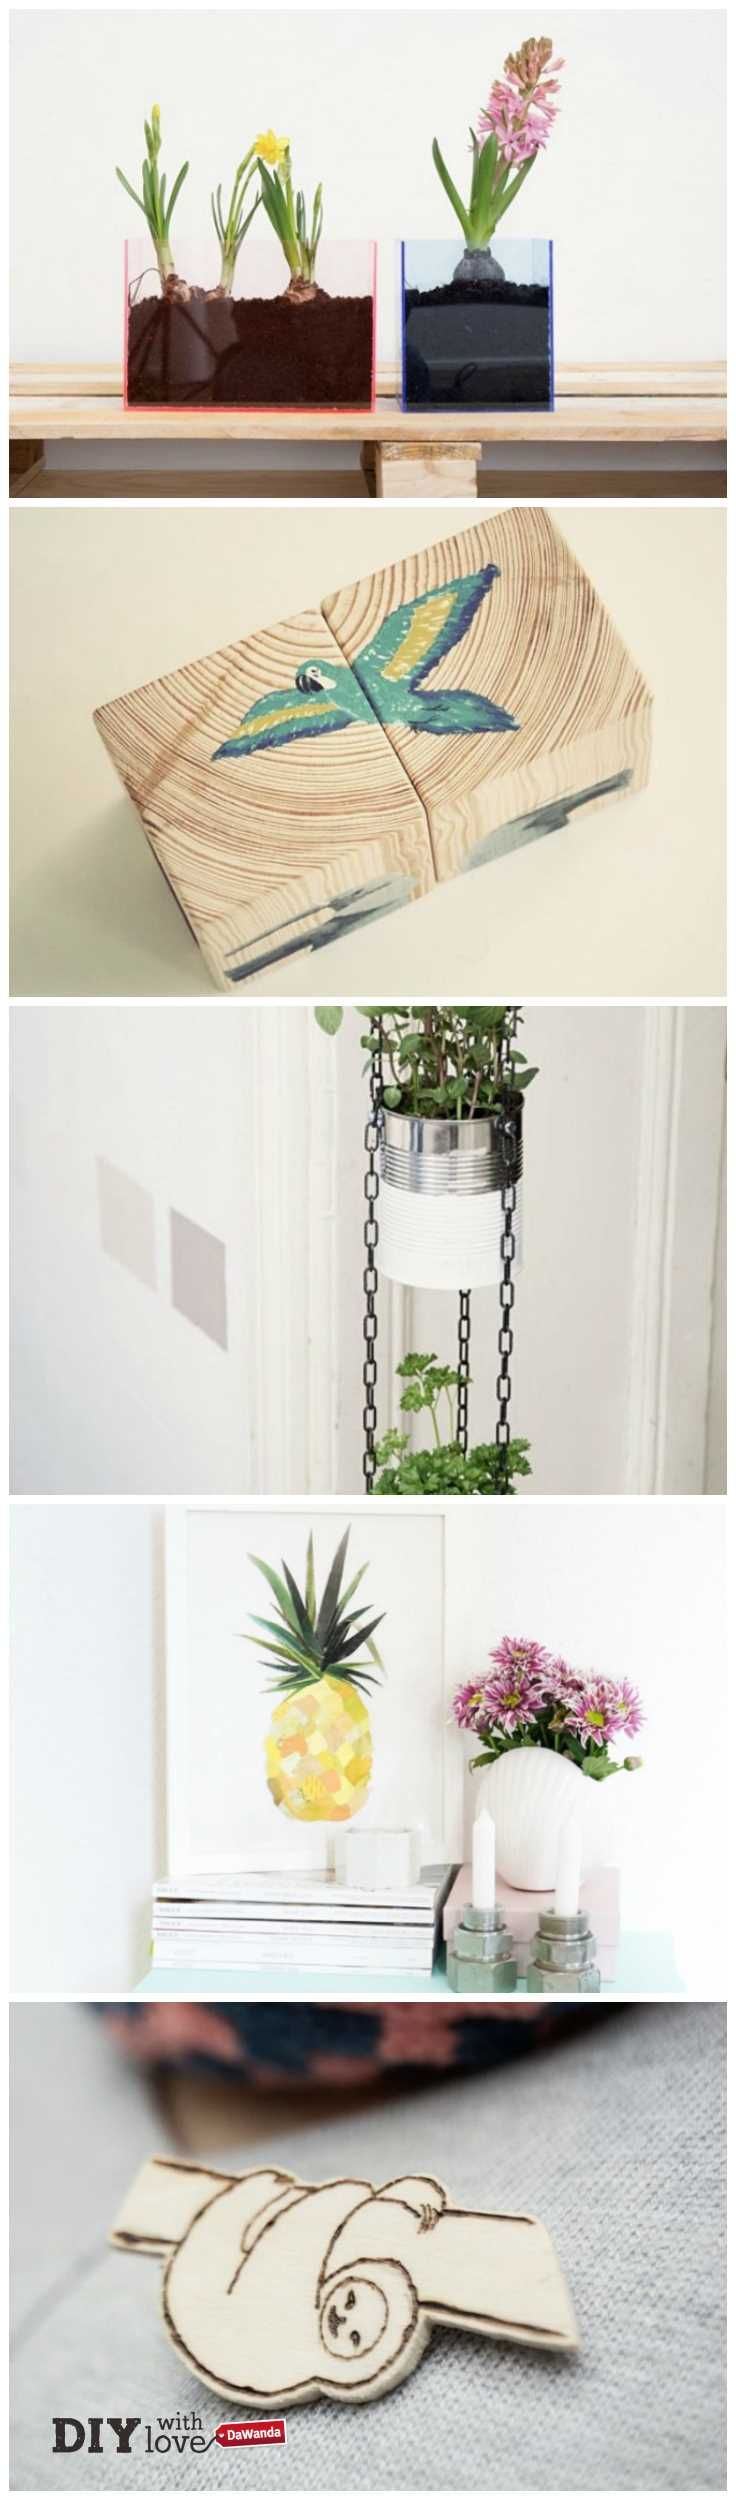 Un'oasi verde in casa: trend DIY Urban Jungle! http://it.dawanda.com/tutorial-fai-da-te/trend-urban-jungle/